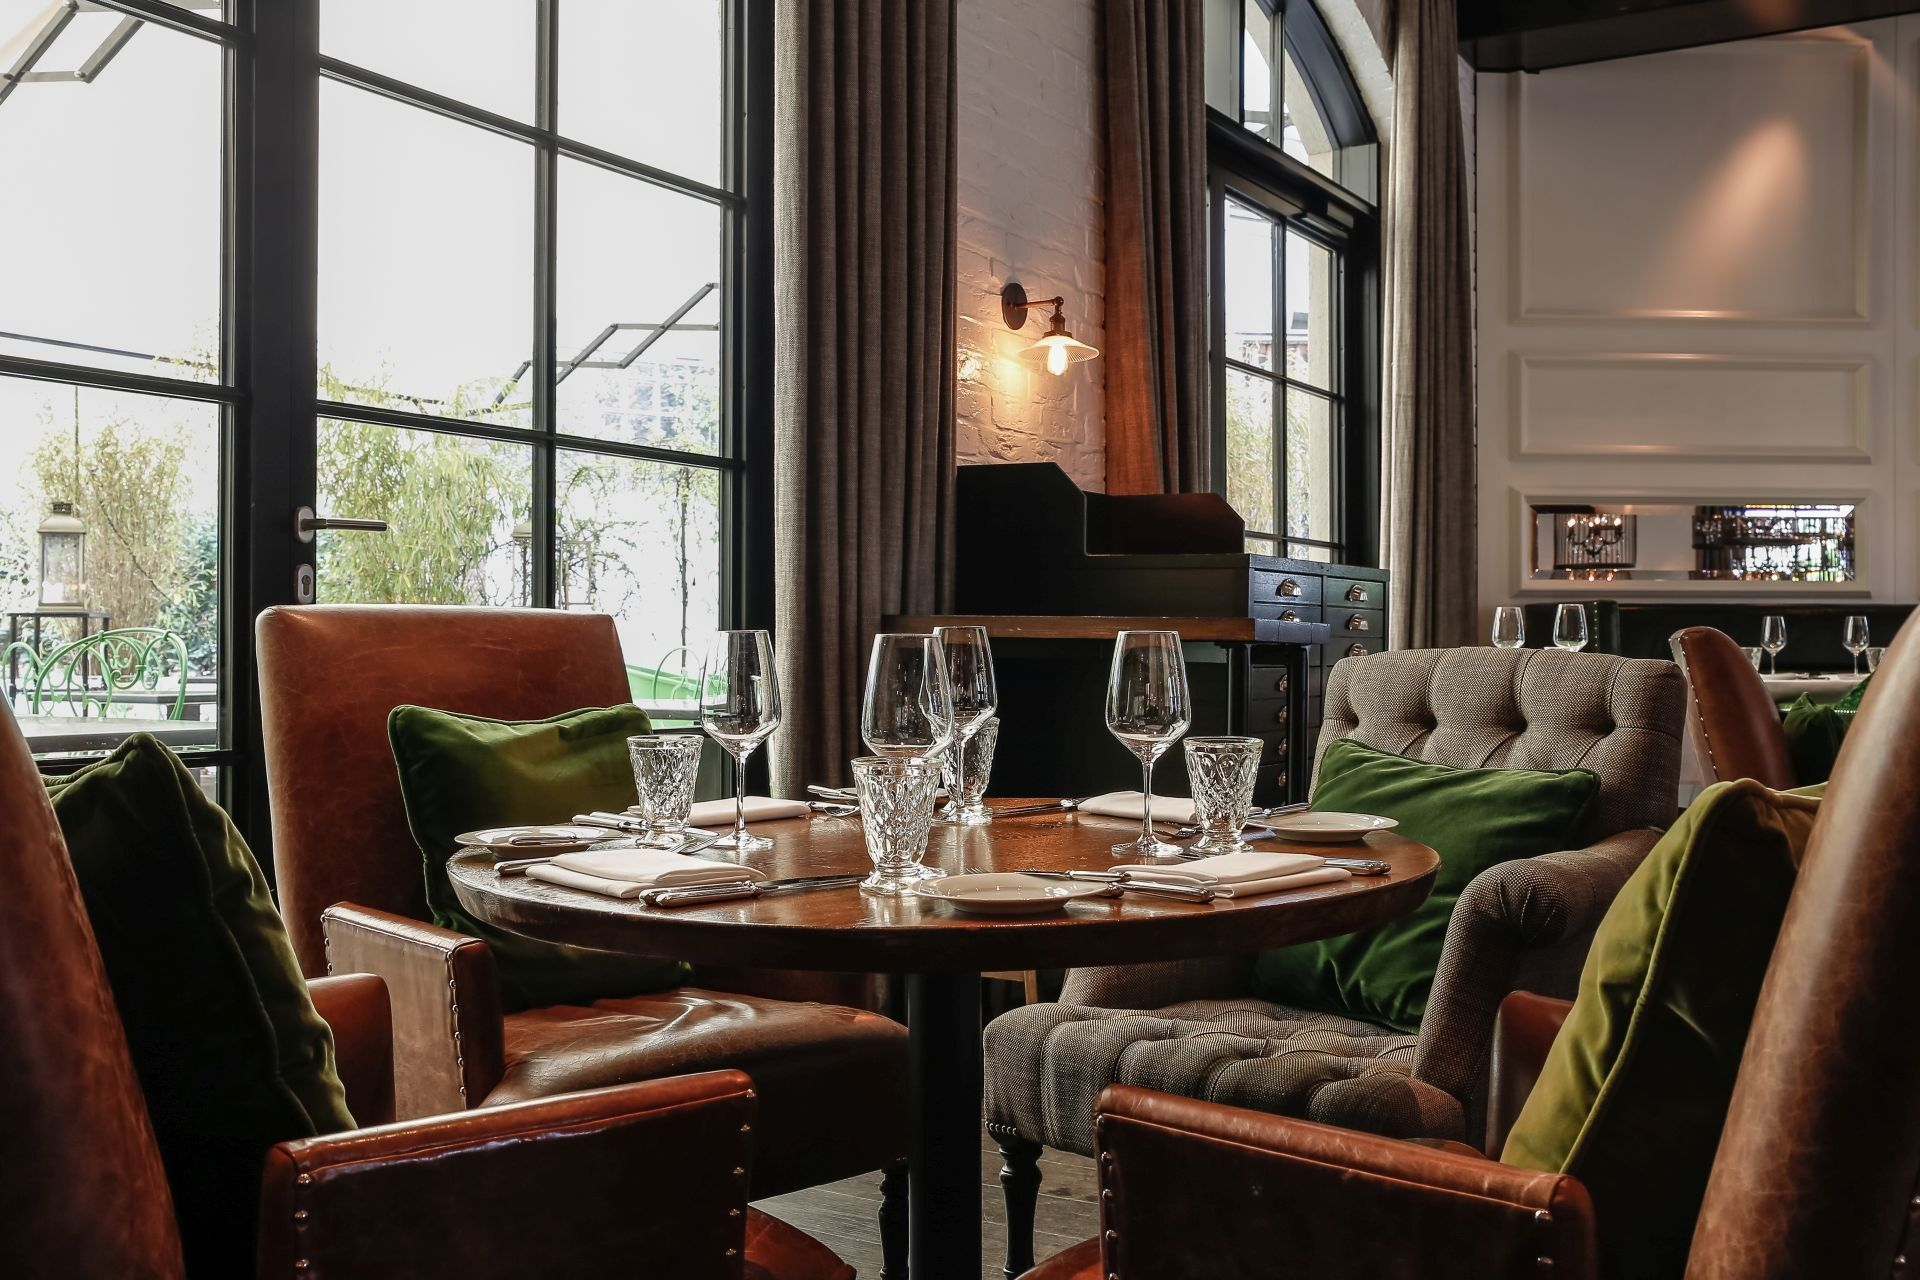 Hotel Berlin Nahe Zoologischer Garten In Mehreren Dekorierenden Stilen Von Grace Restaurant Restaurant Interior Design Modern Arrangements Restaurant Interior